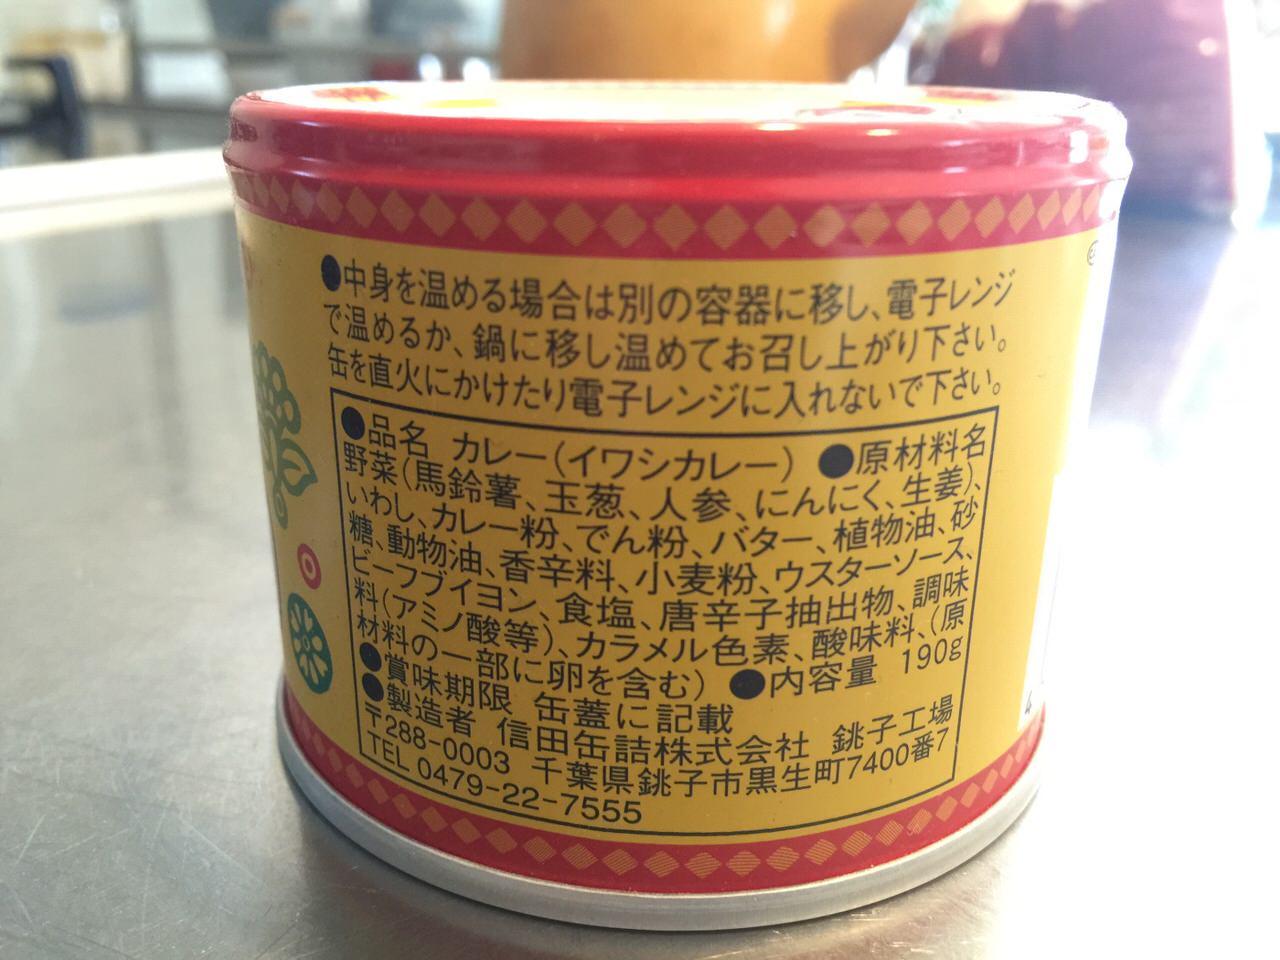 【雑学】食品の原材料名を表示する順番は重量の多いものから